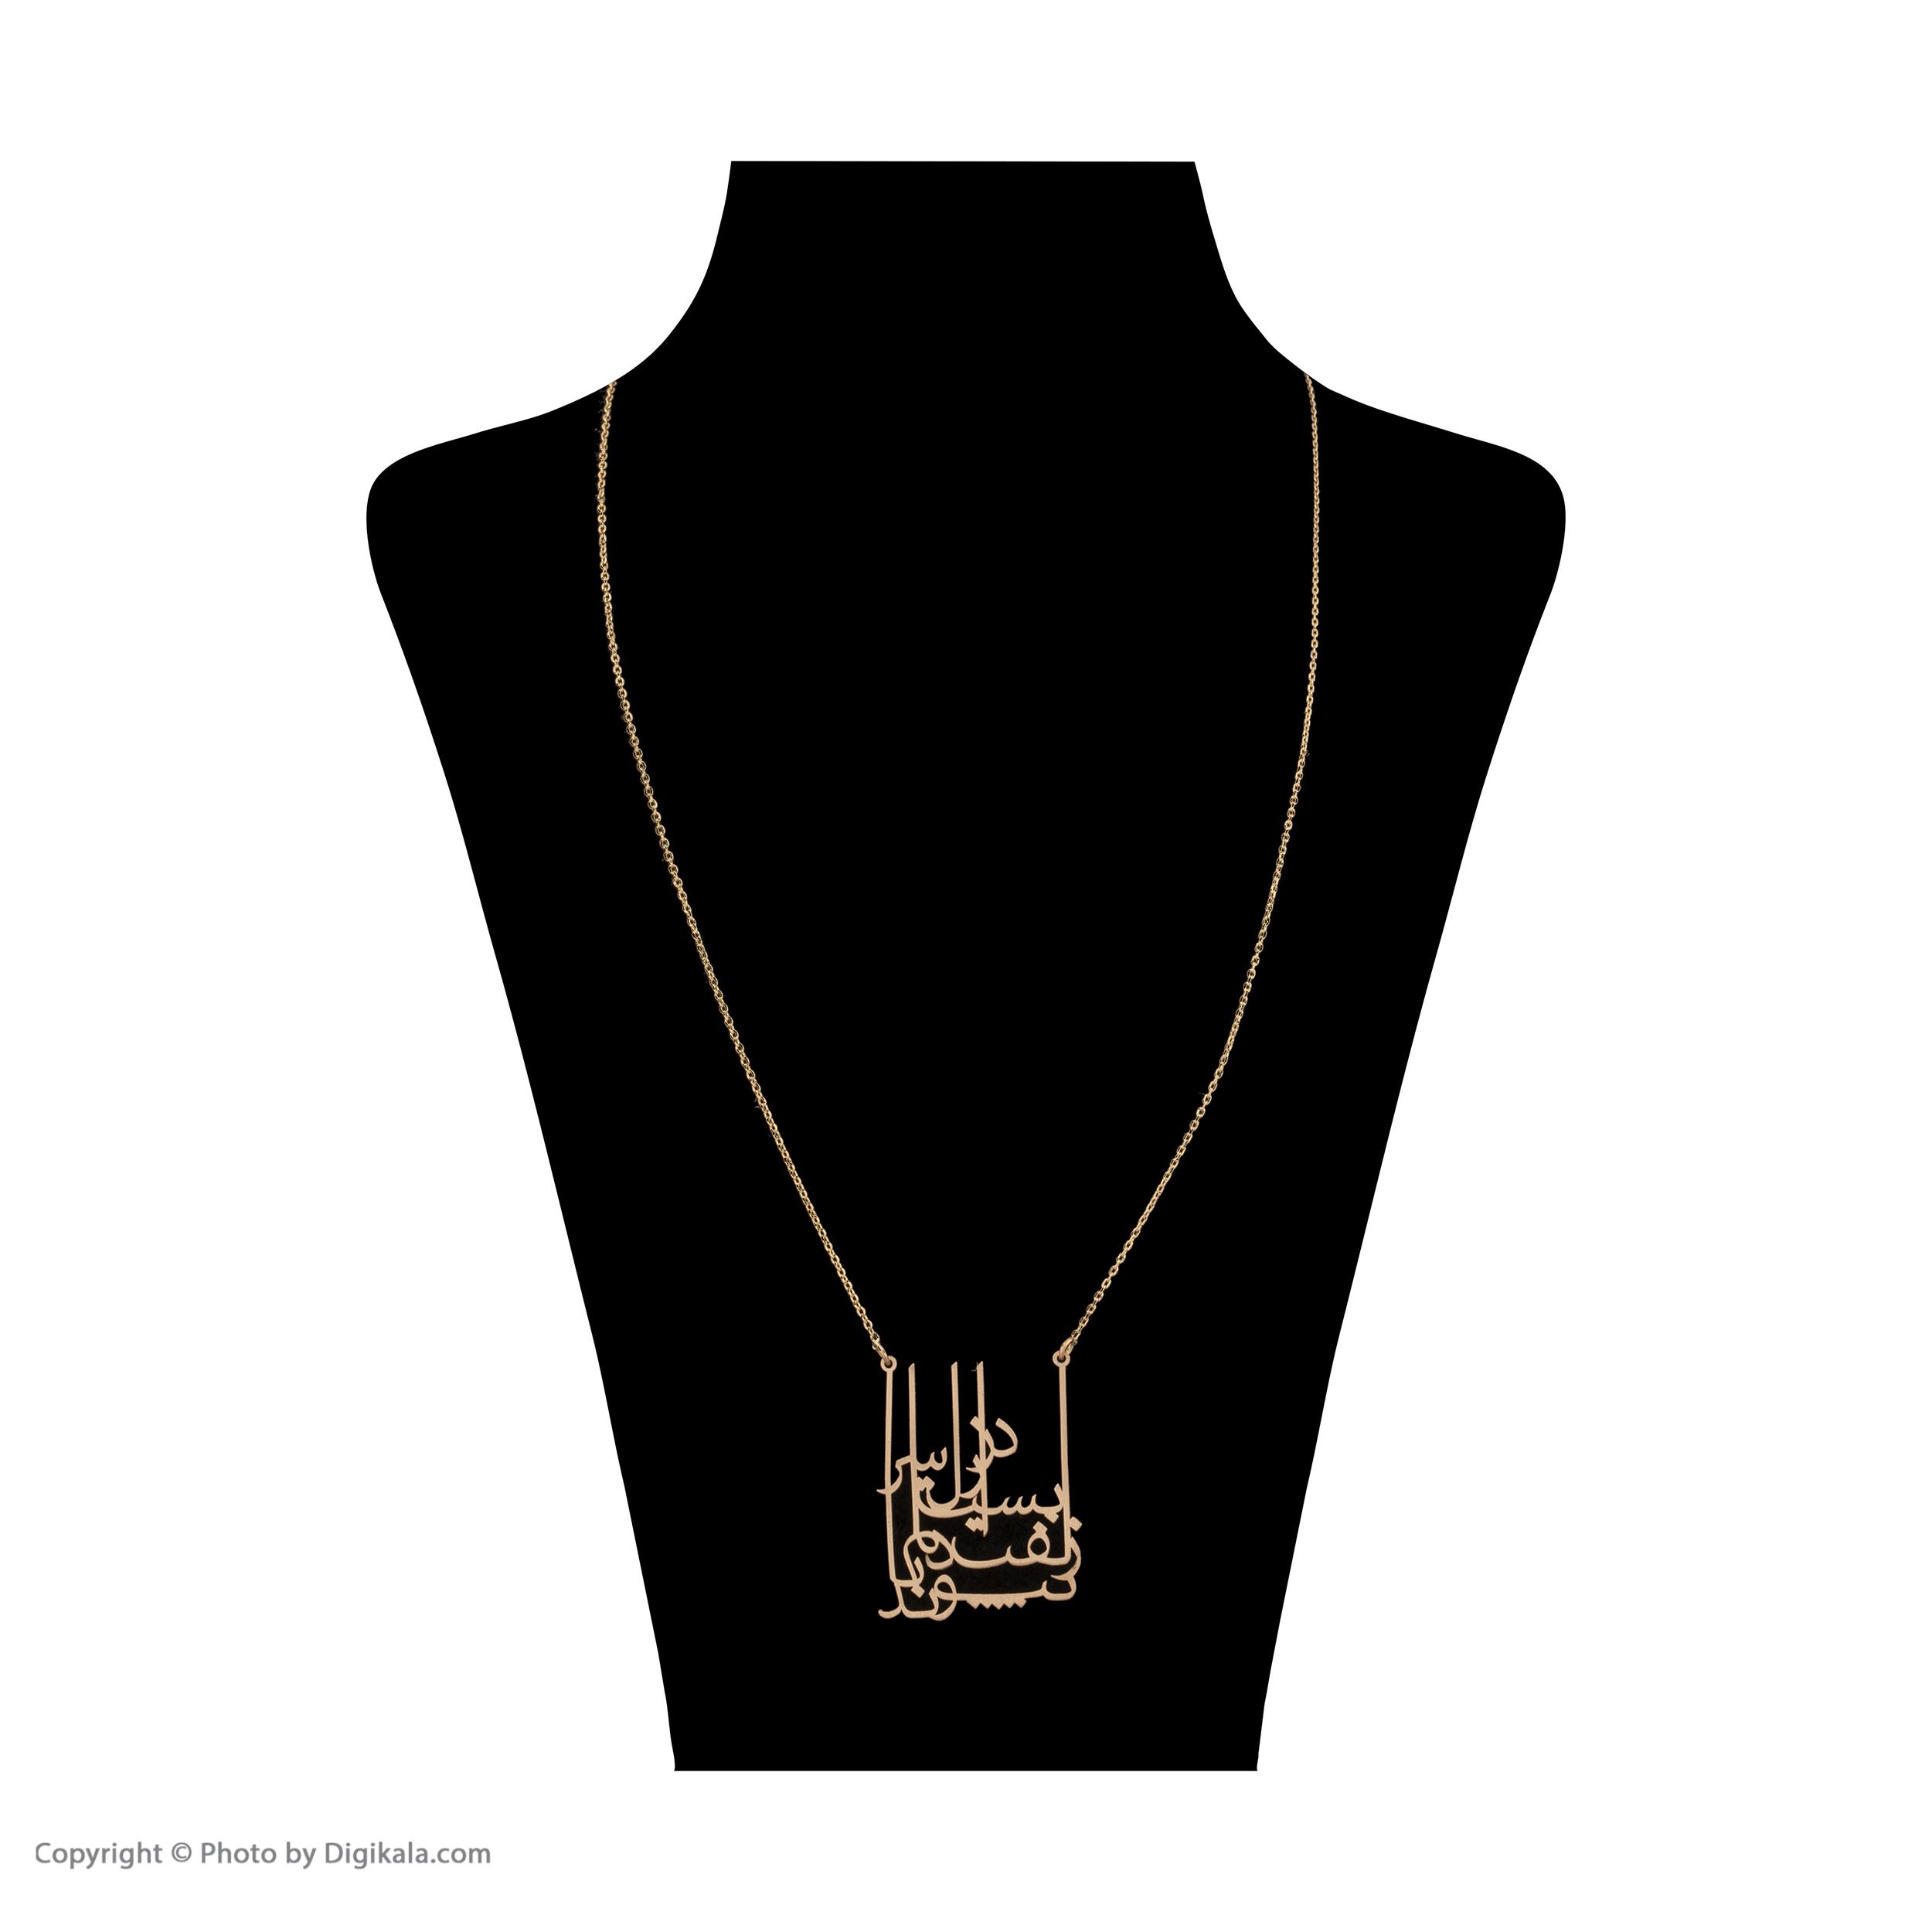 گردنبند طلا 18 عیار زنانه سنجاق مدل X075648 -  - 2